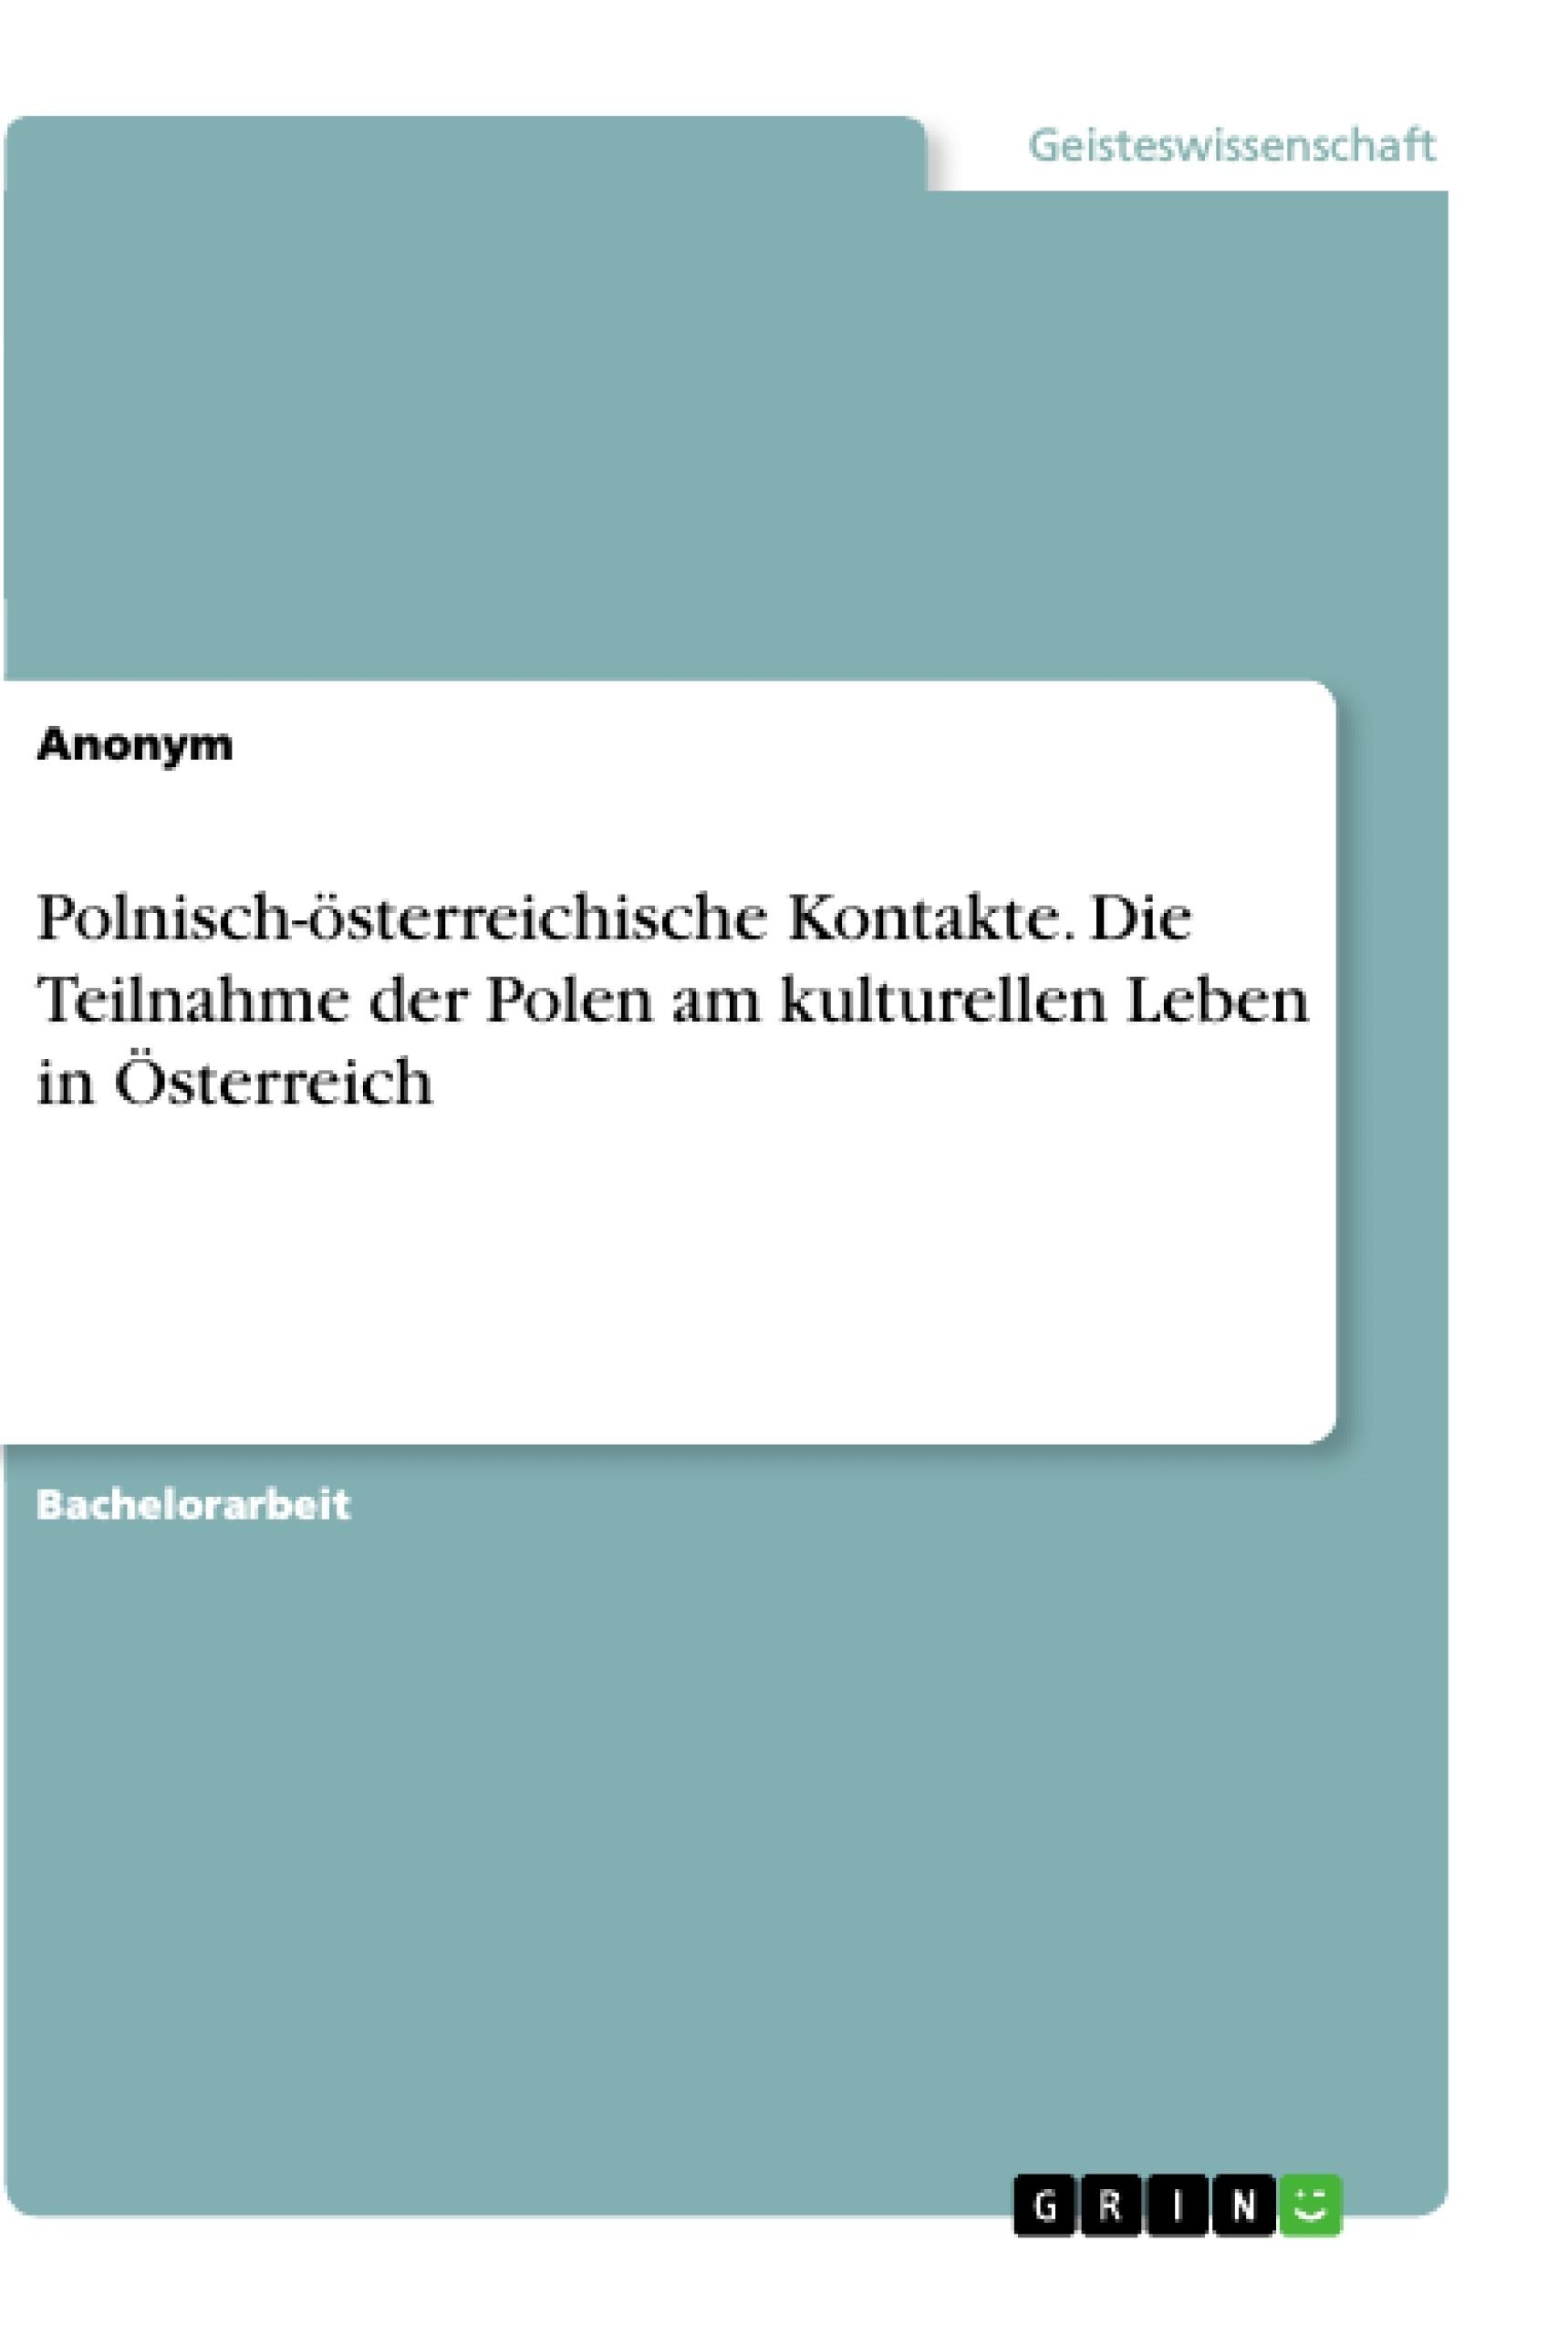 Titel: Polnisch-österreichische Kontakte. Die Teilnahme der Polen am kulturellen Leben in Österreich